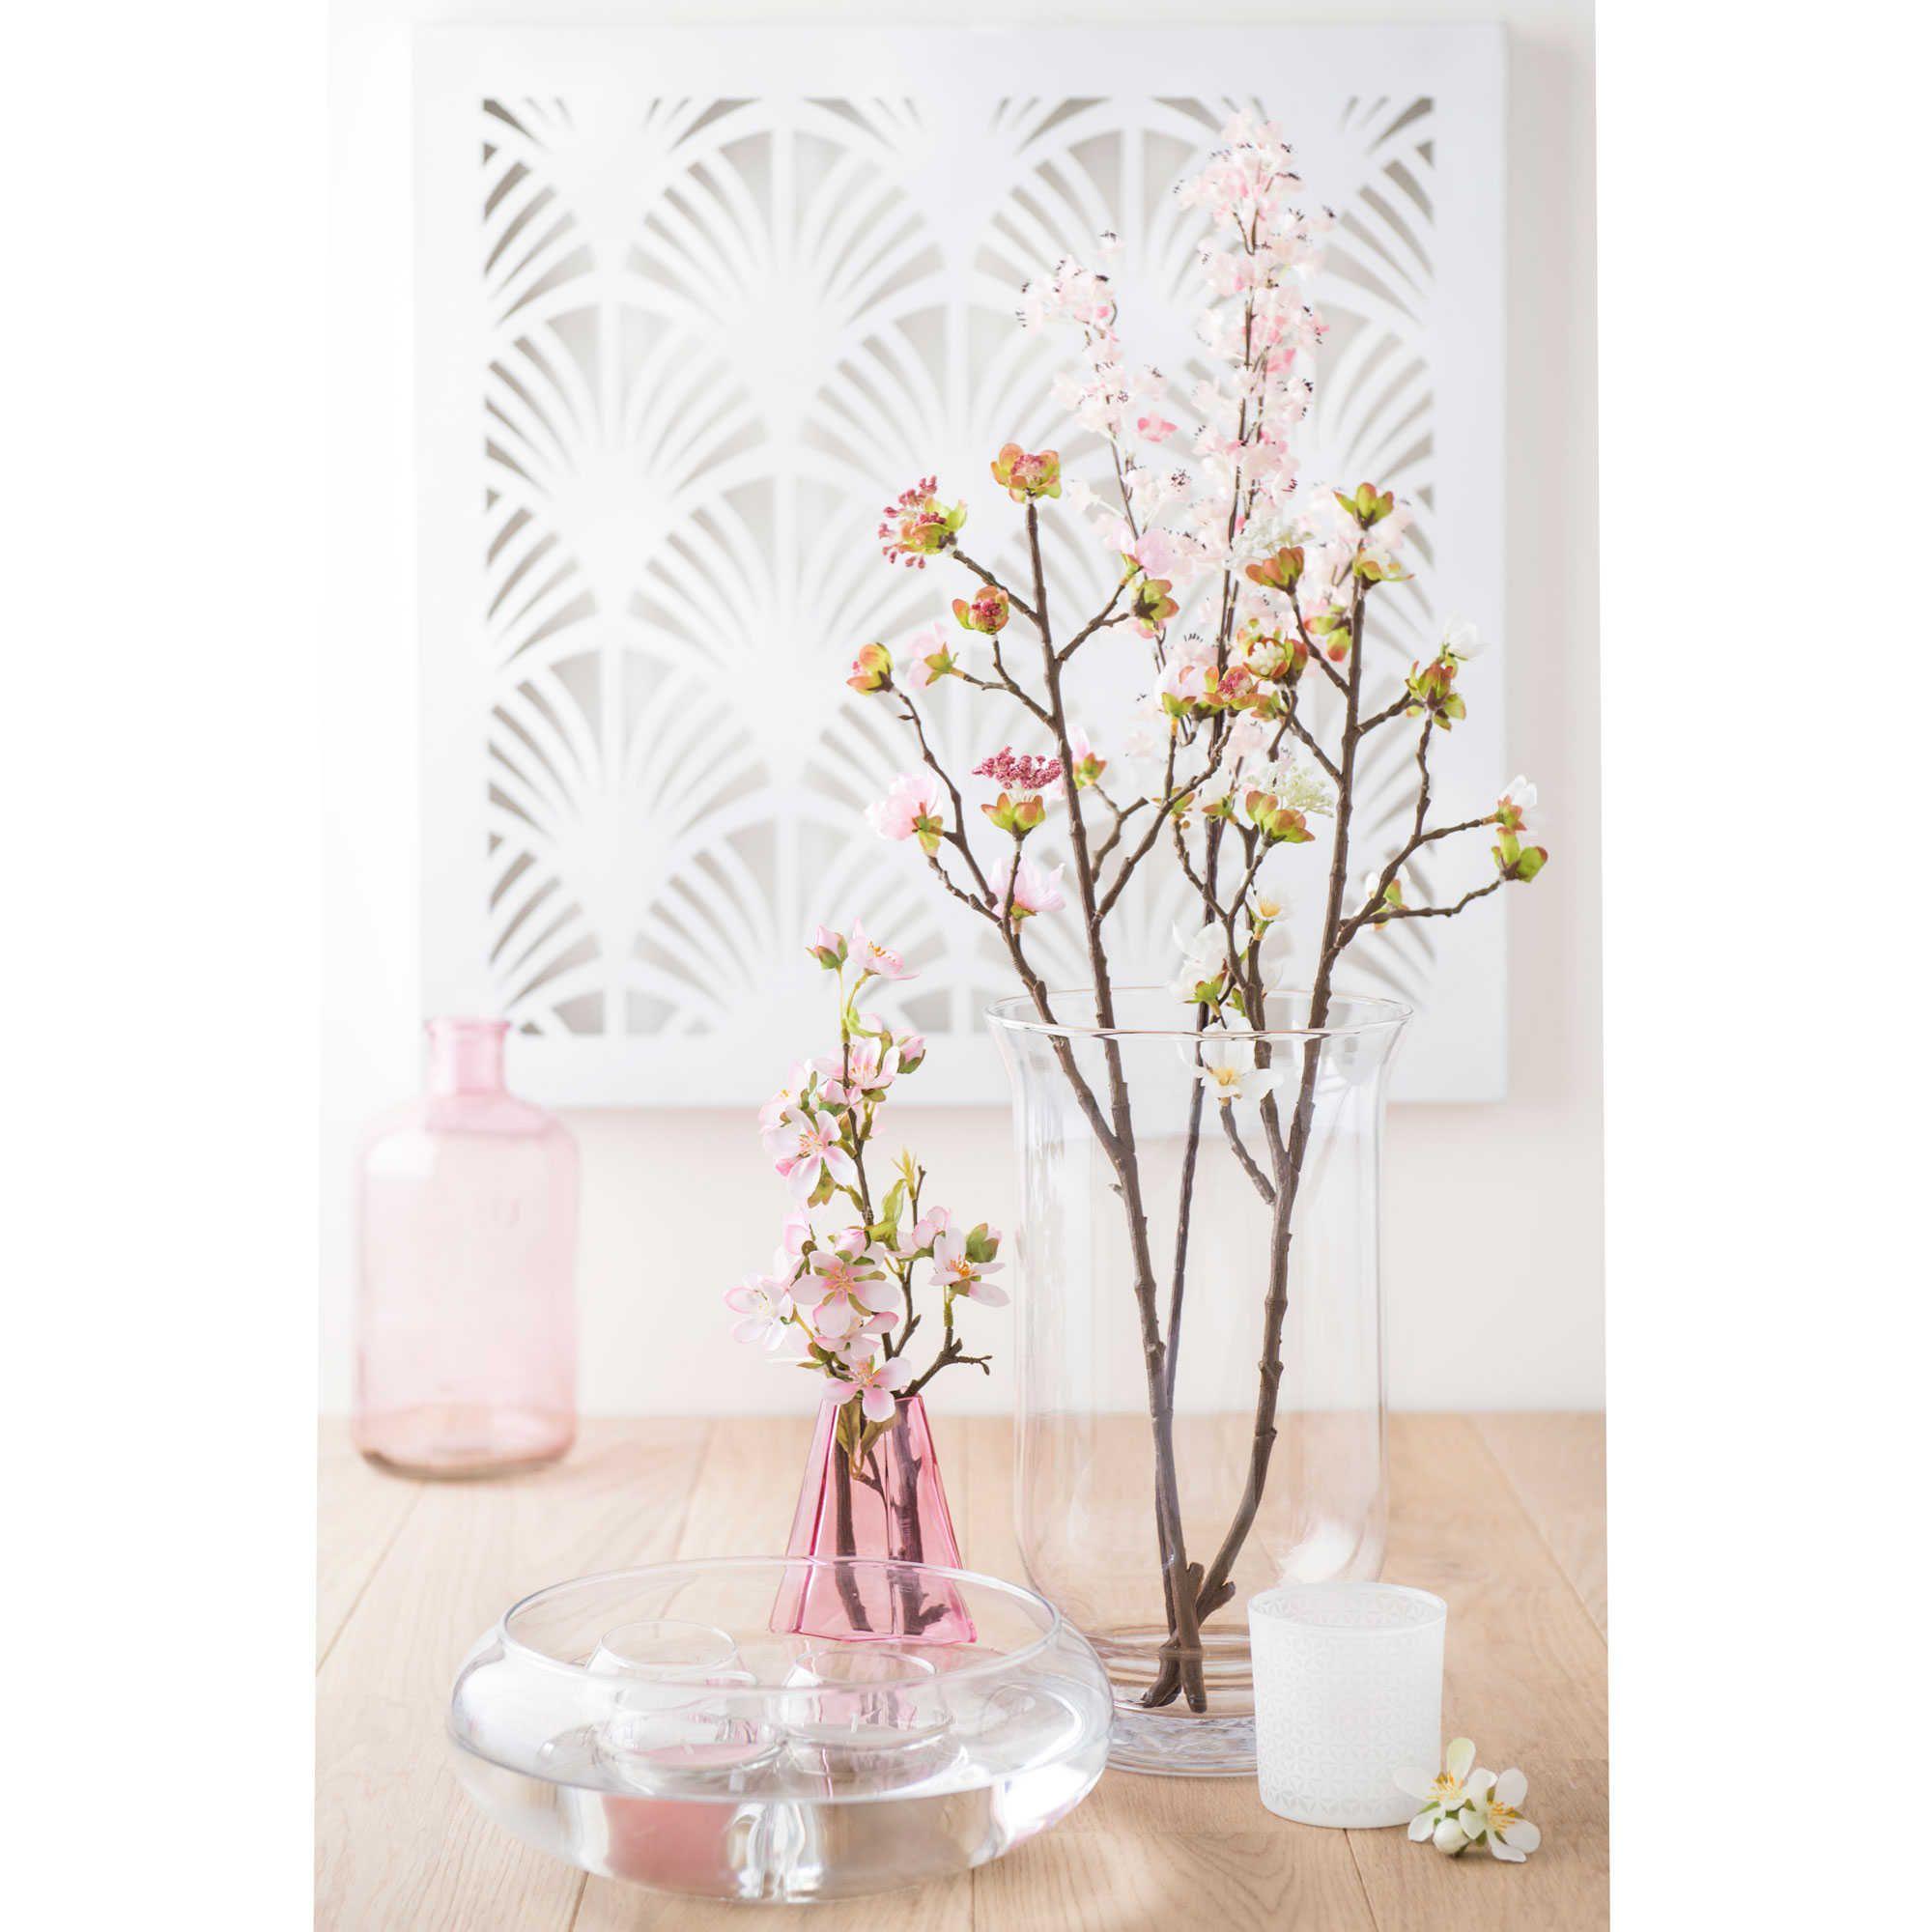 coupe bougie flottante en verre h 8 cm maisons du monde romantique bougie maison du. Black Bedroom Furniture Sets. Home Design Ideas